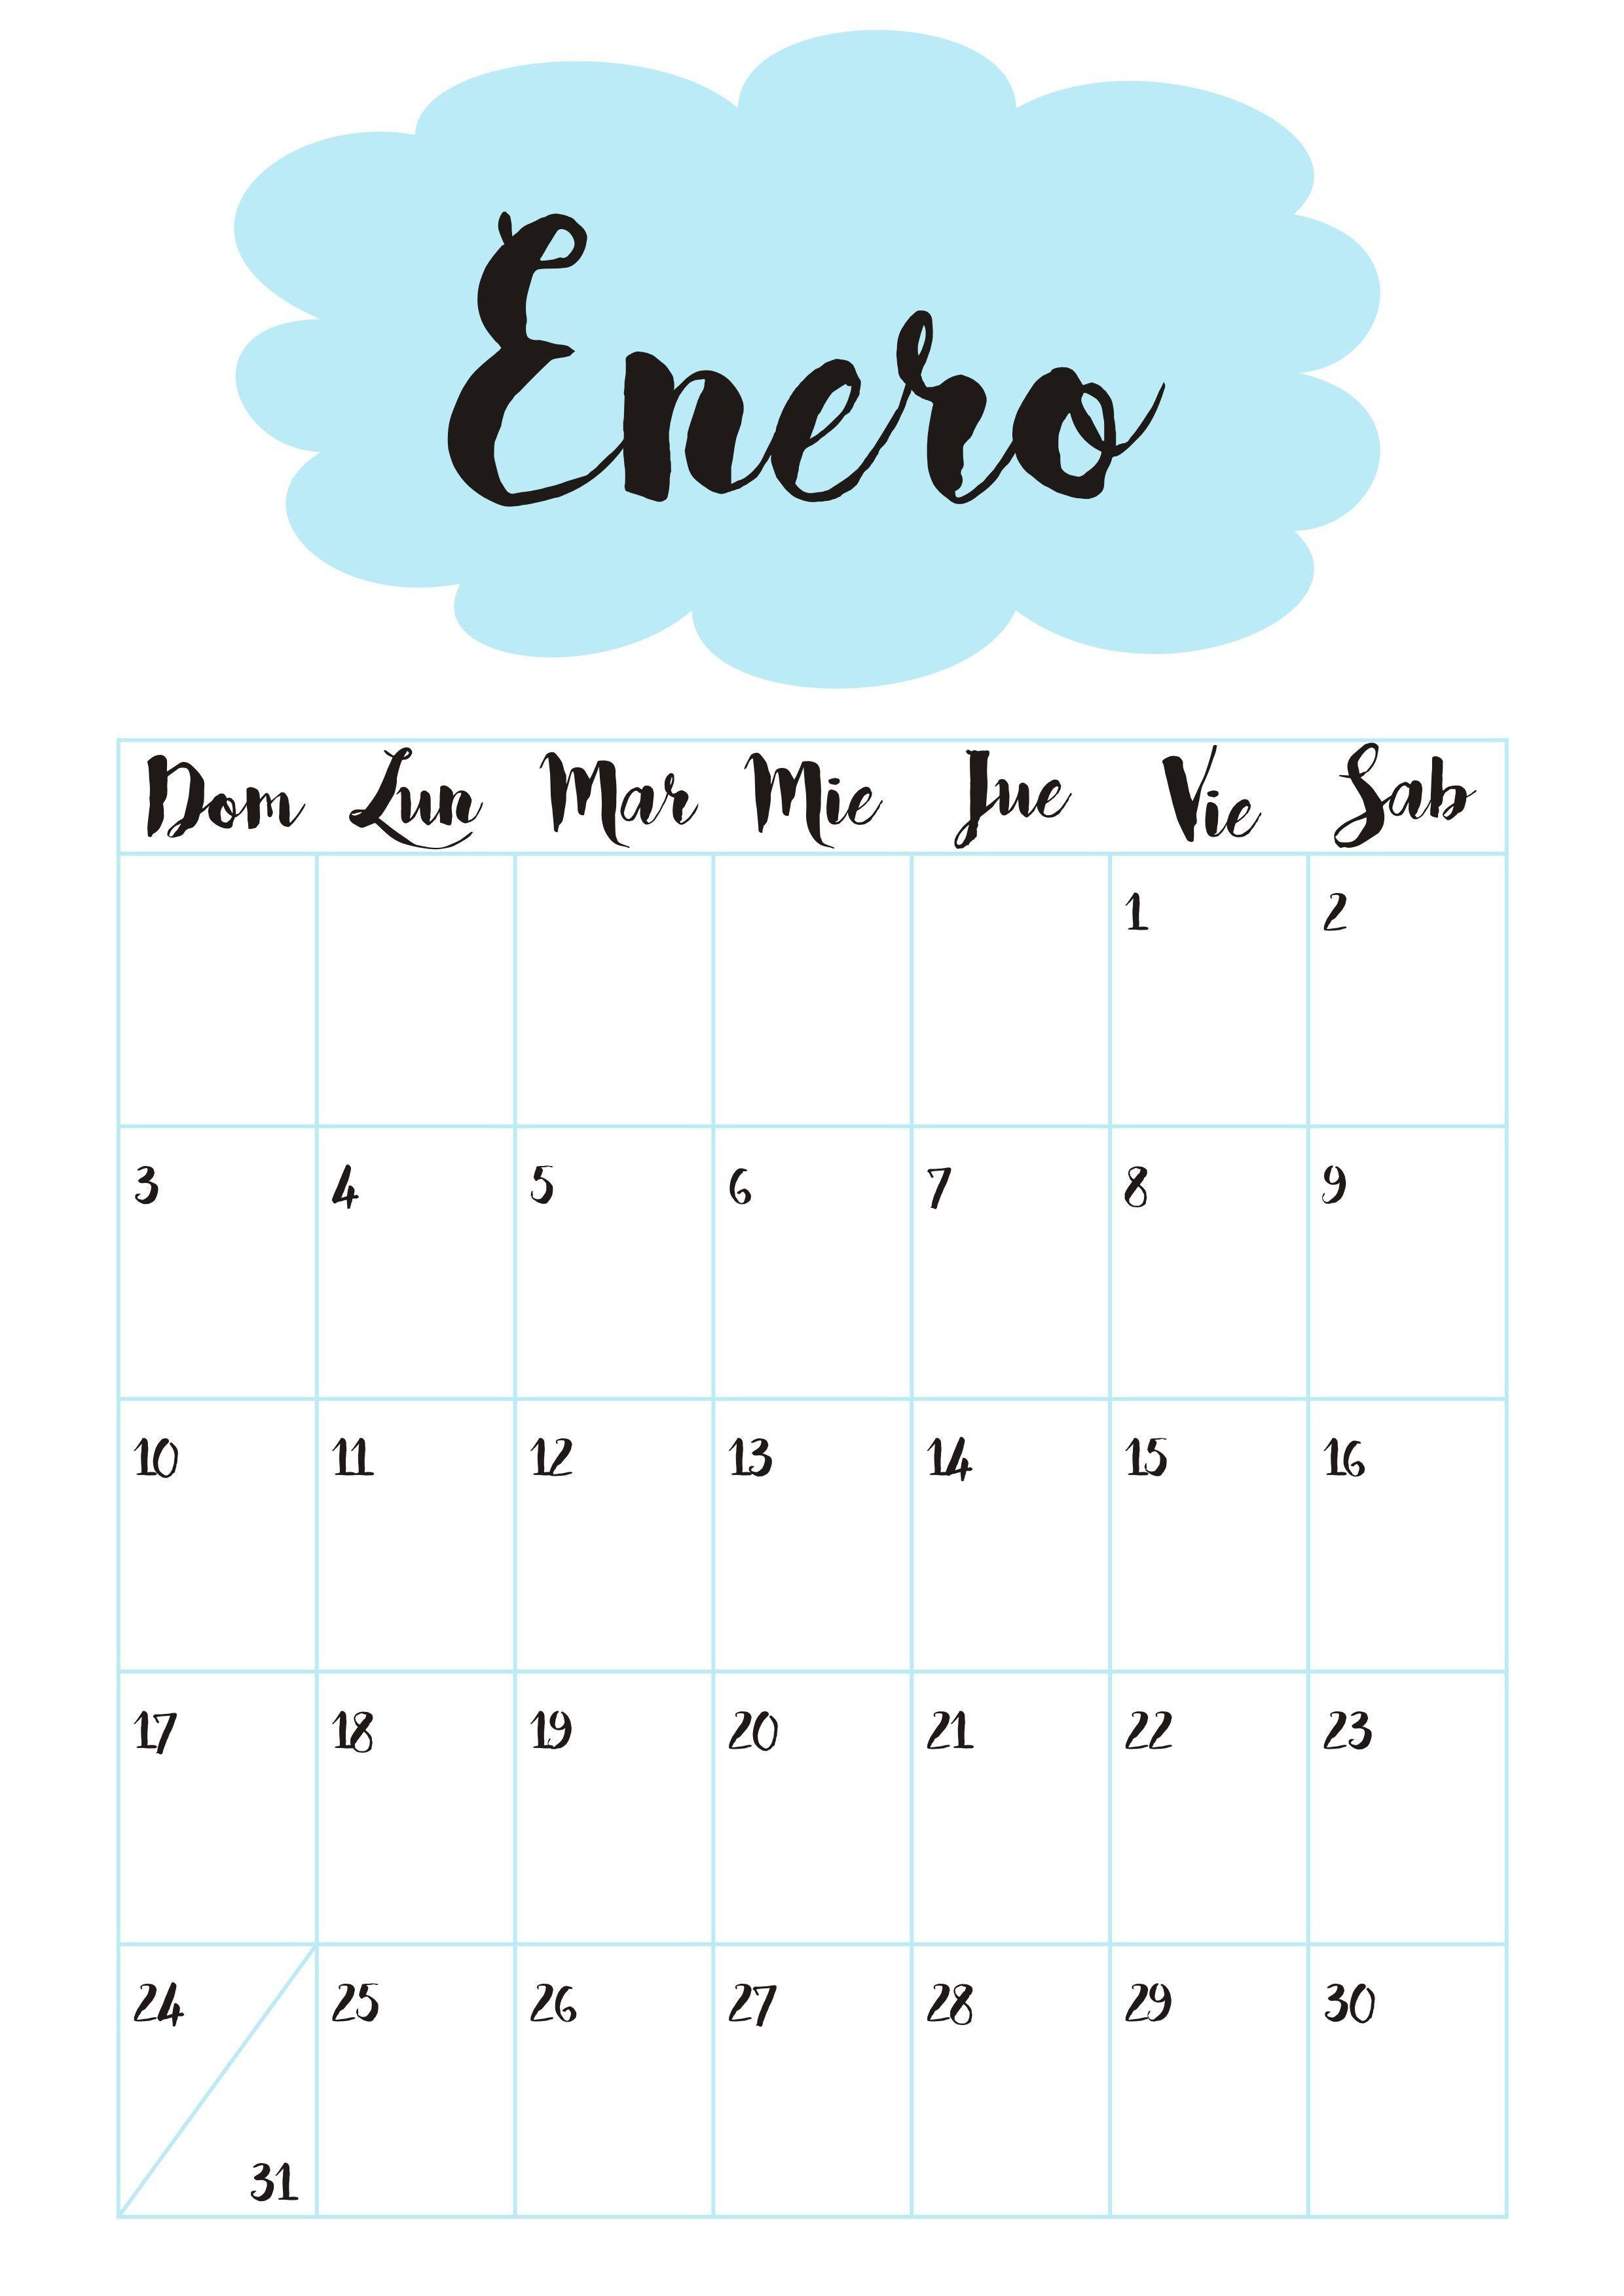 I Calendario Imprimir Mejores Y Más Novedosos Calendario 1 Enero ☼ Imprimir Pinterest Of I Calendario Imprimir Más Arriba-a-fecha Index Of Print Calendario Mensual 1 2017